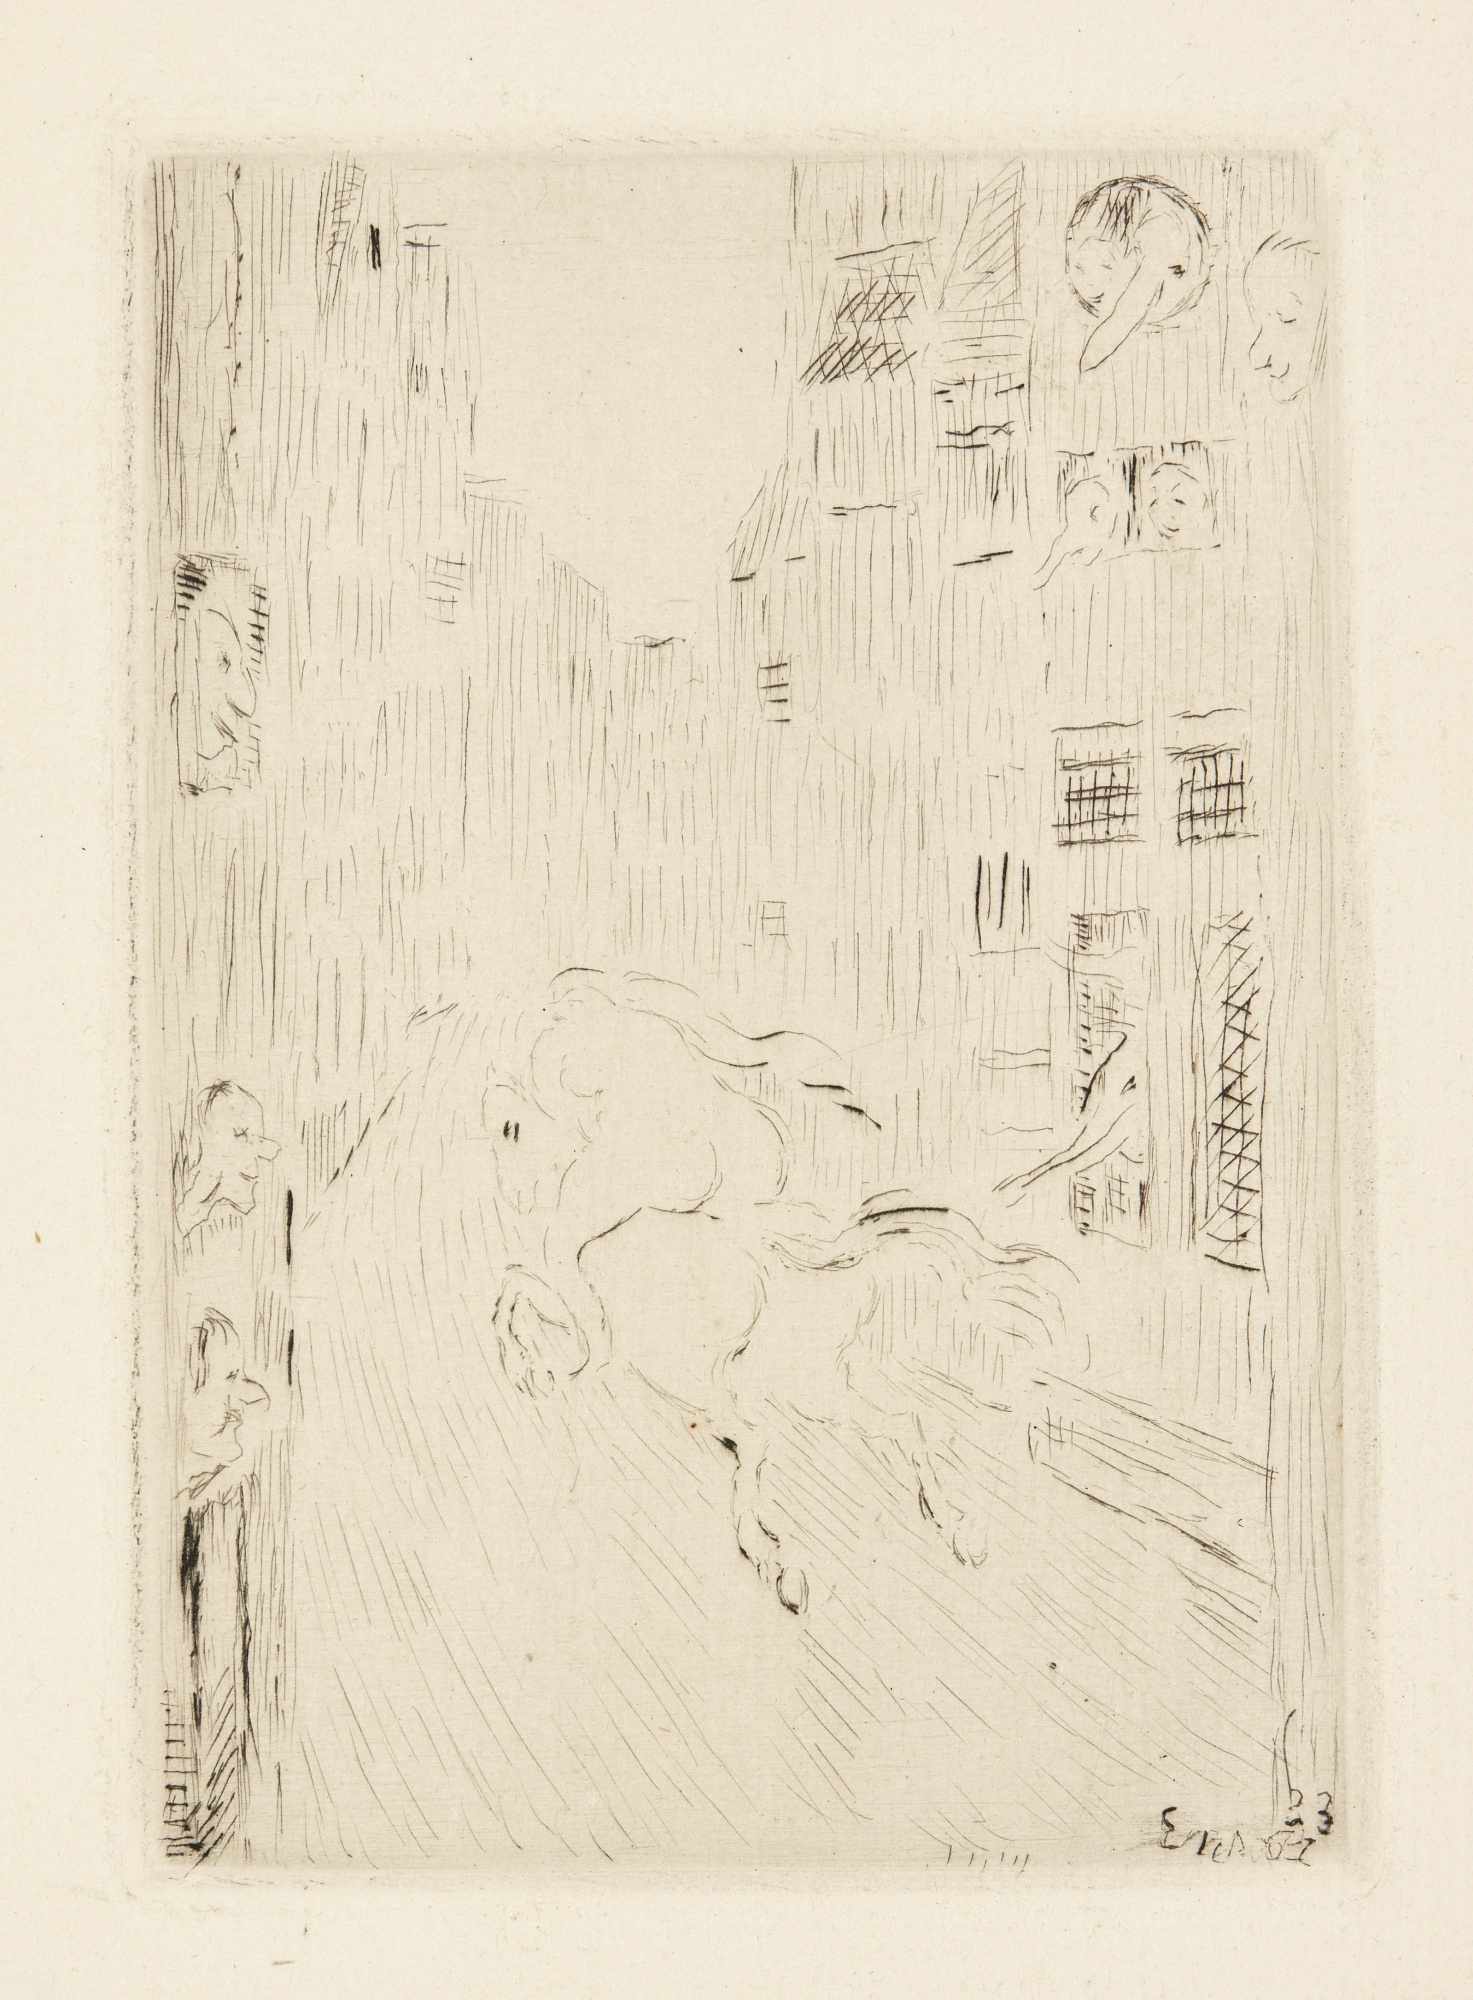 James Ensor-Lady Godiva; L'Ombre Sur La Maison; And Le Diable Au Moulin (T. 130 131 133; E. 137 138 140)-1934